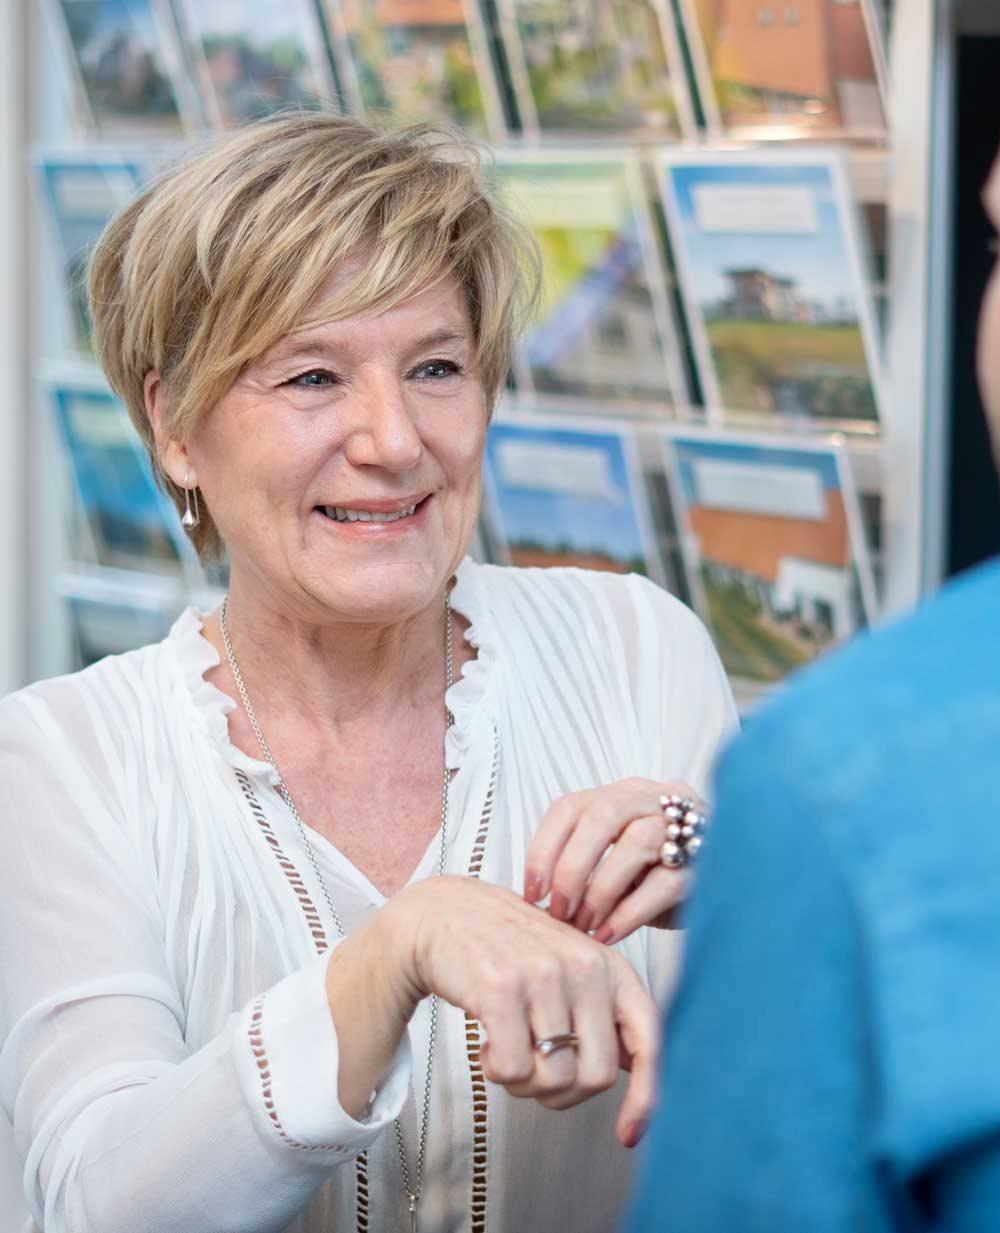 Mariann Nørgaard